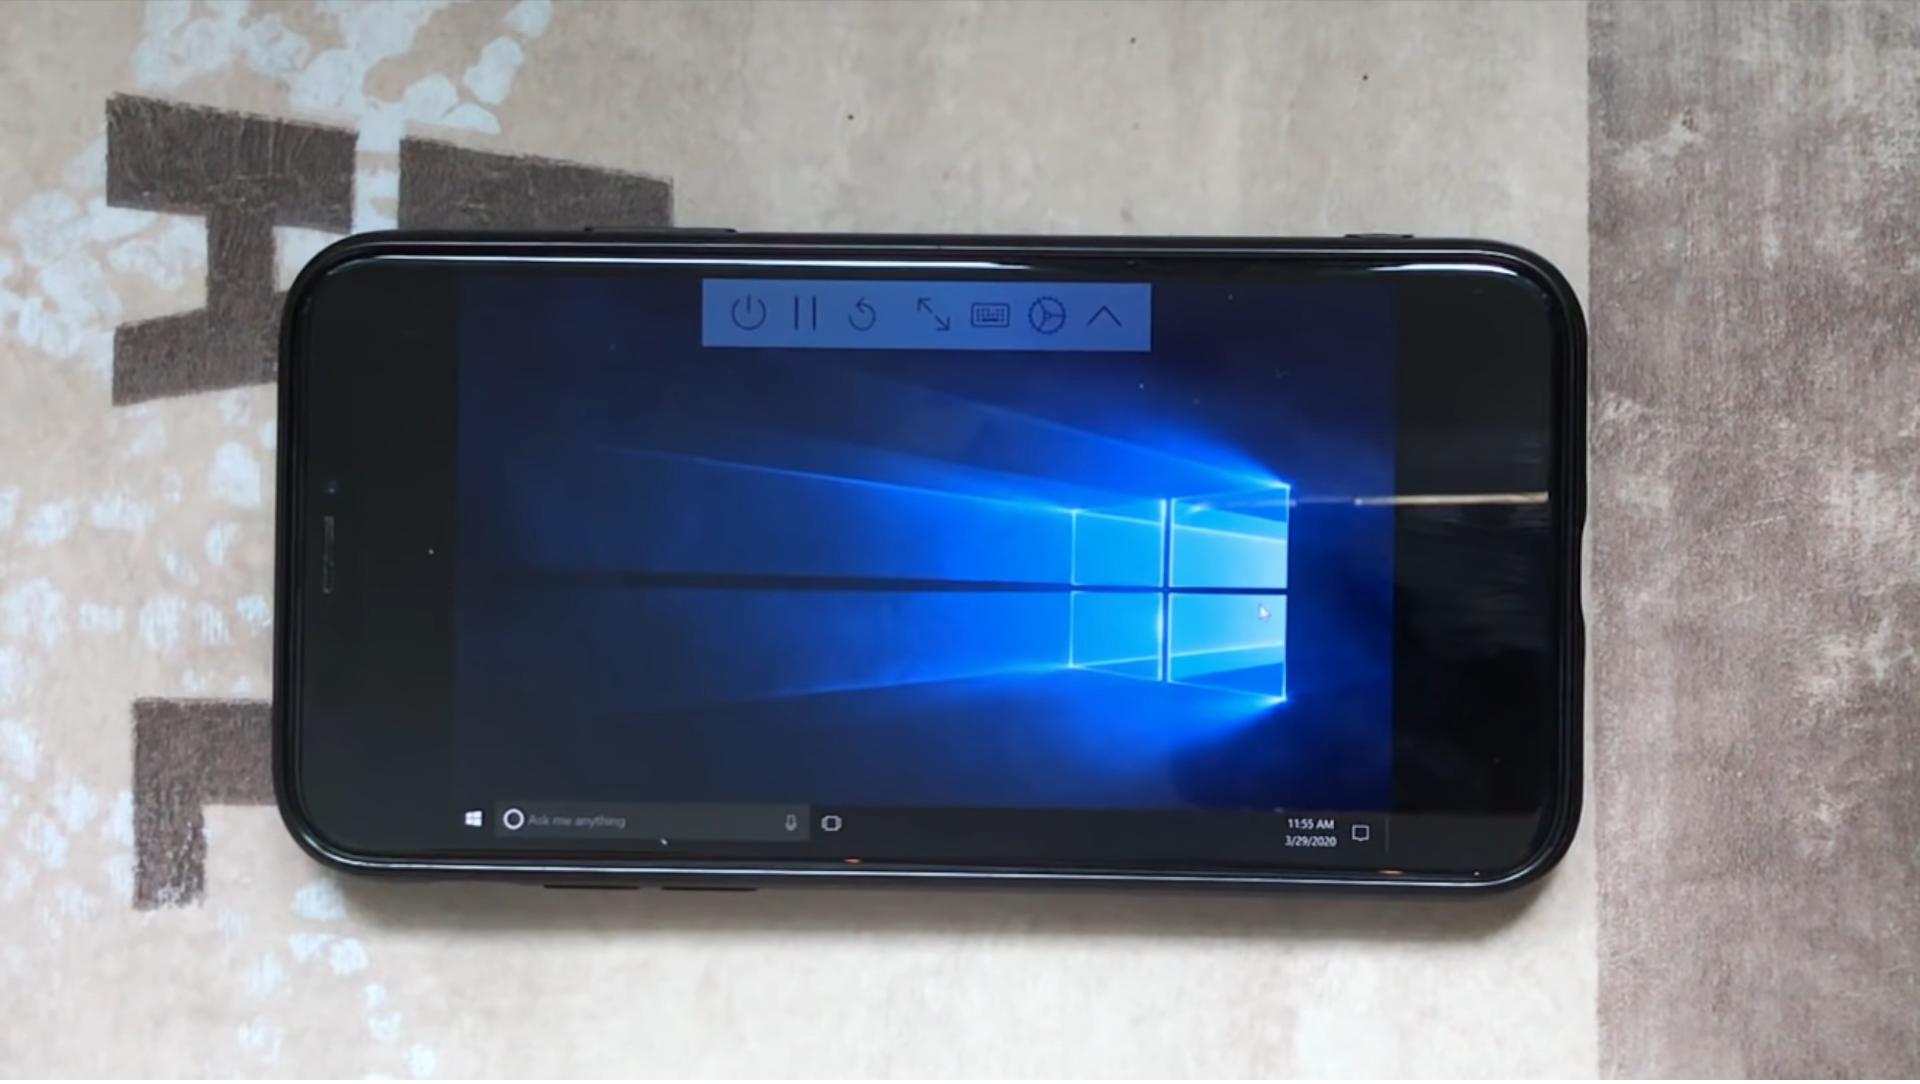 На iPhone X запустили Windows 10 под виртуальной машиной - 1